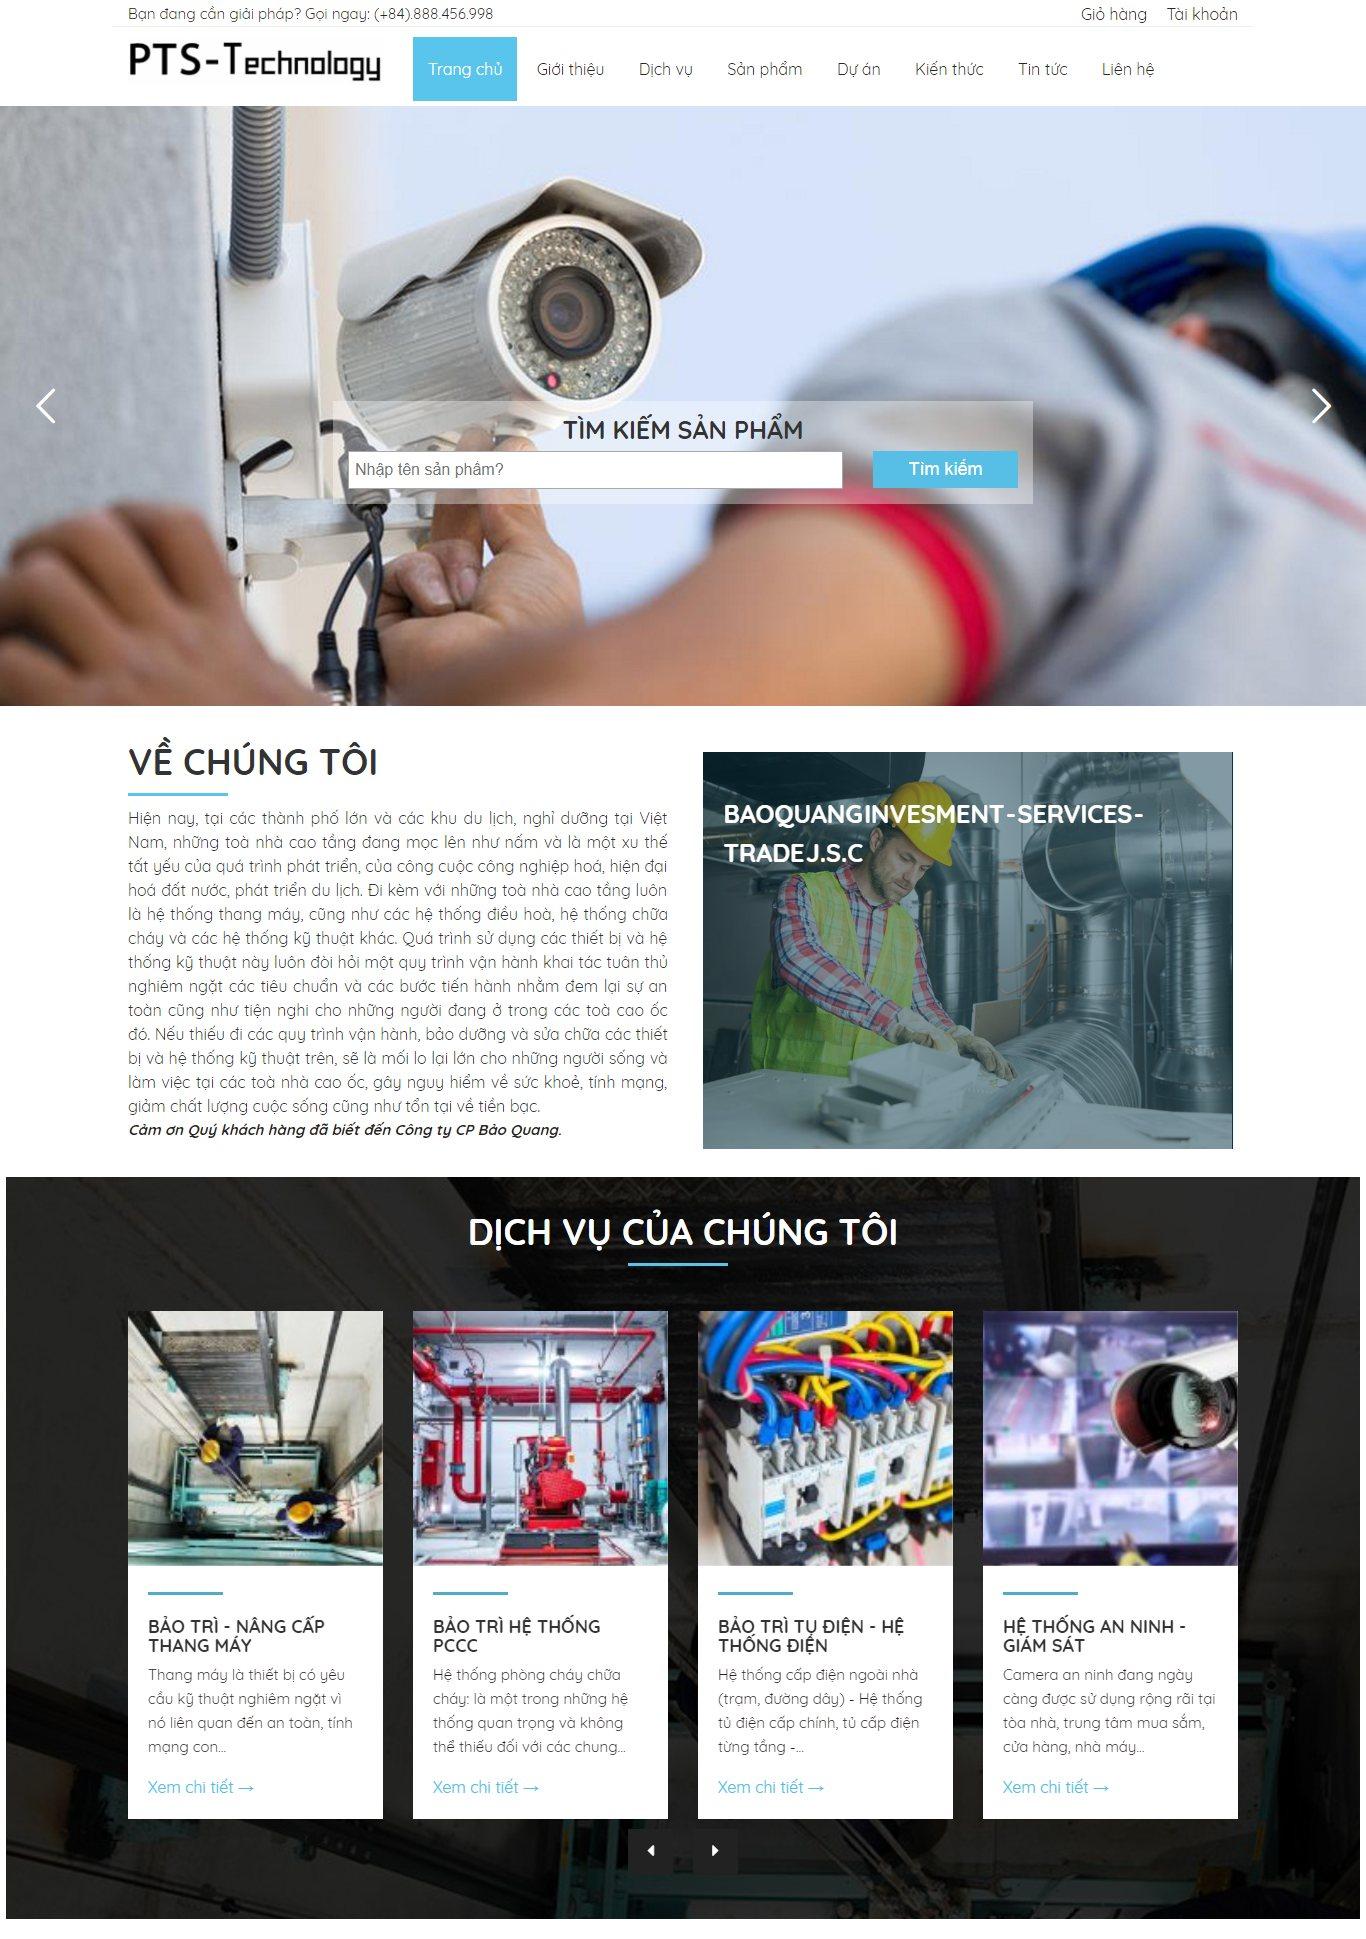 Mẫu giao diện website doanh nghiệp- dịch vụ công nghiệp